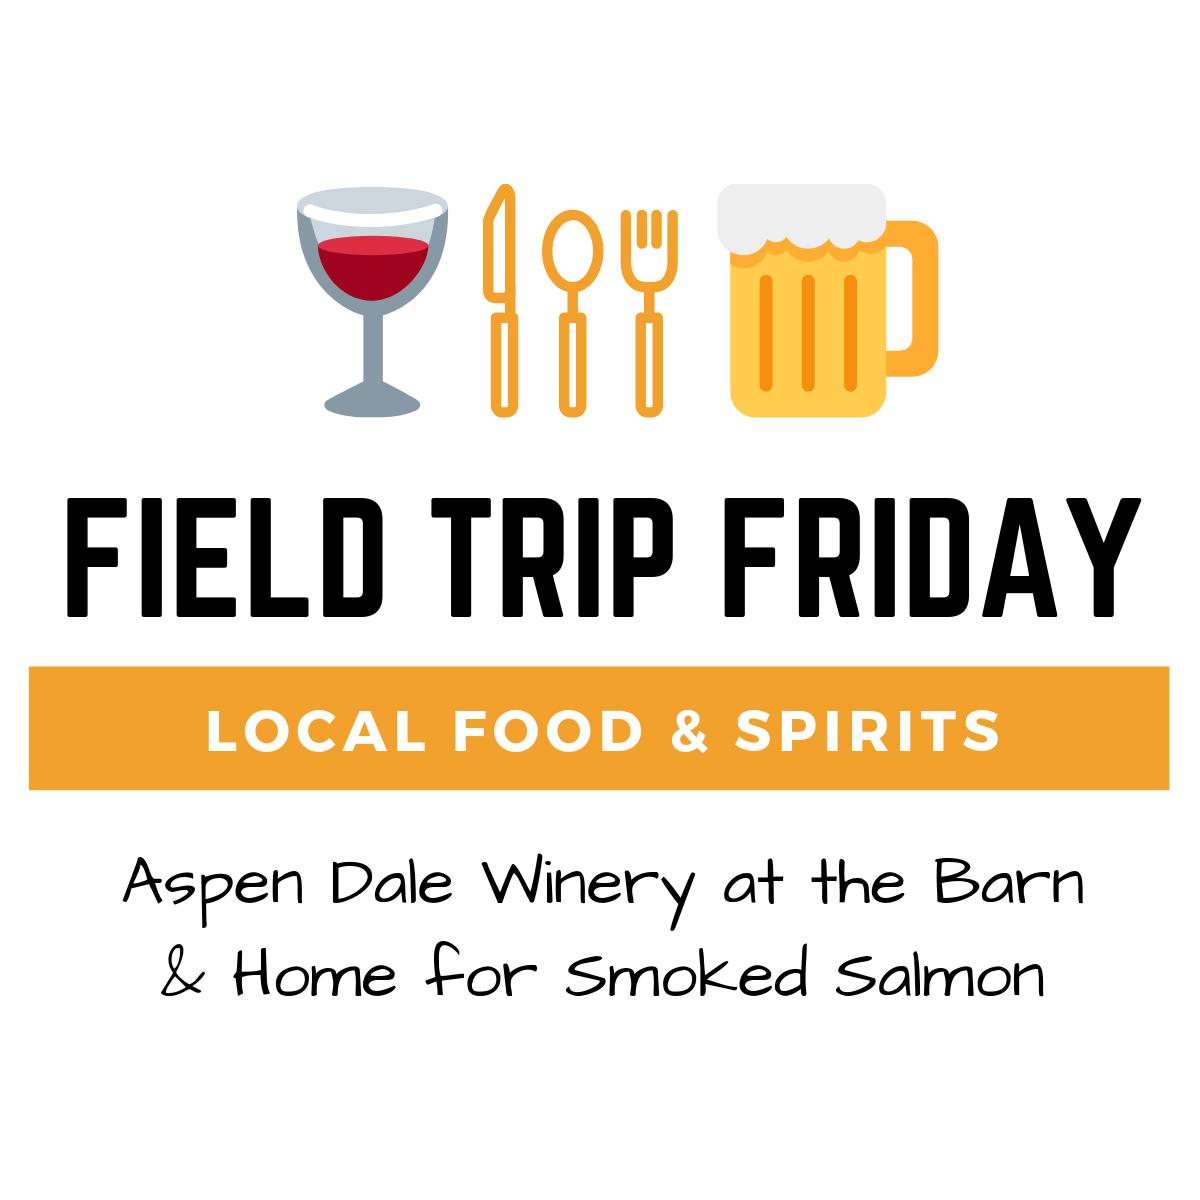 field trip friday logo